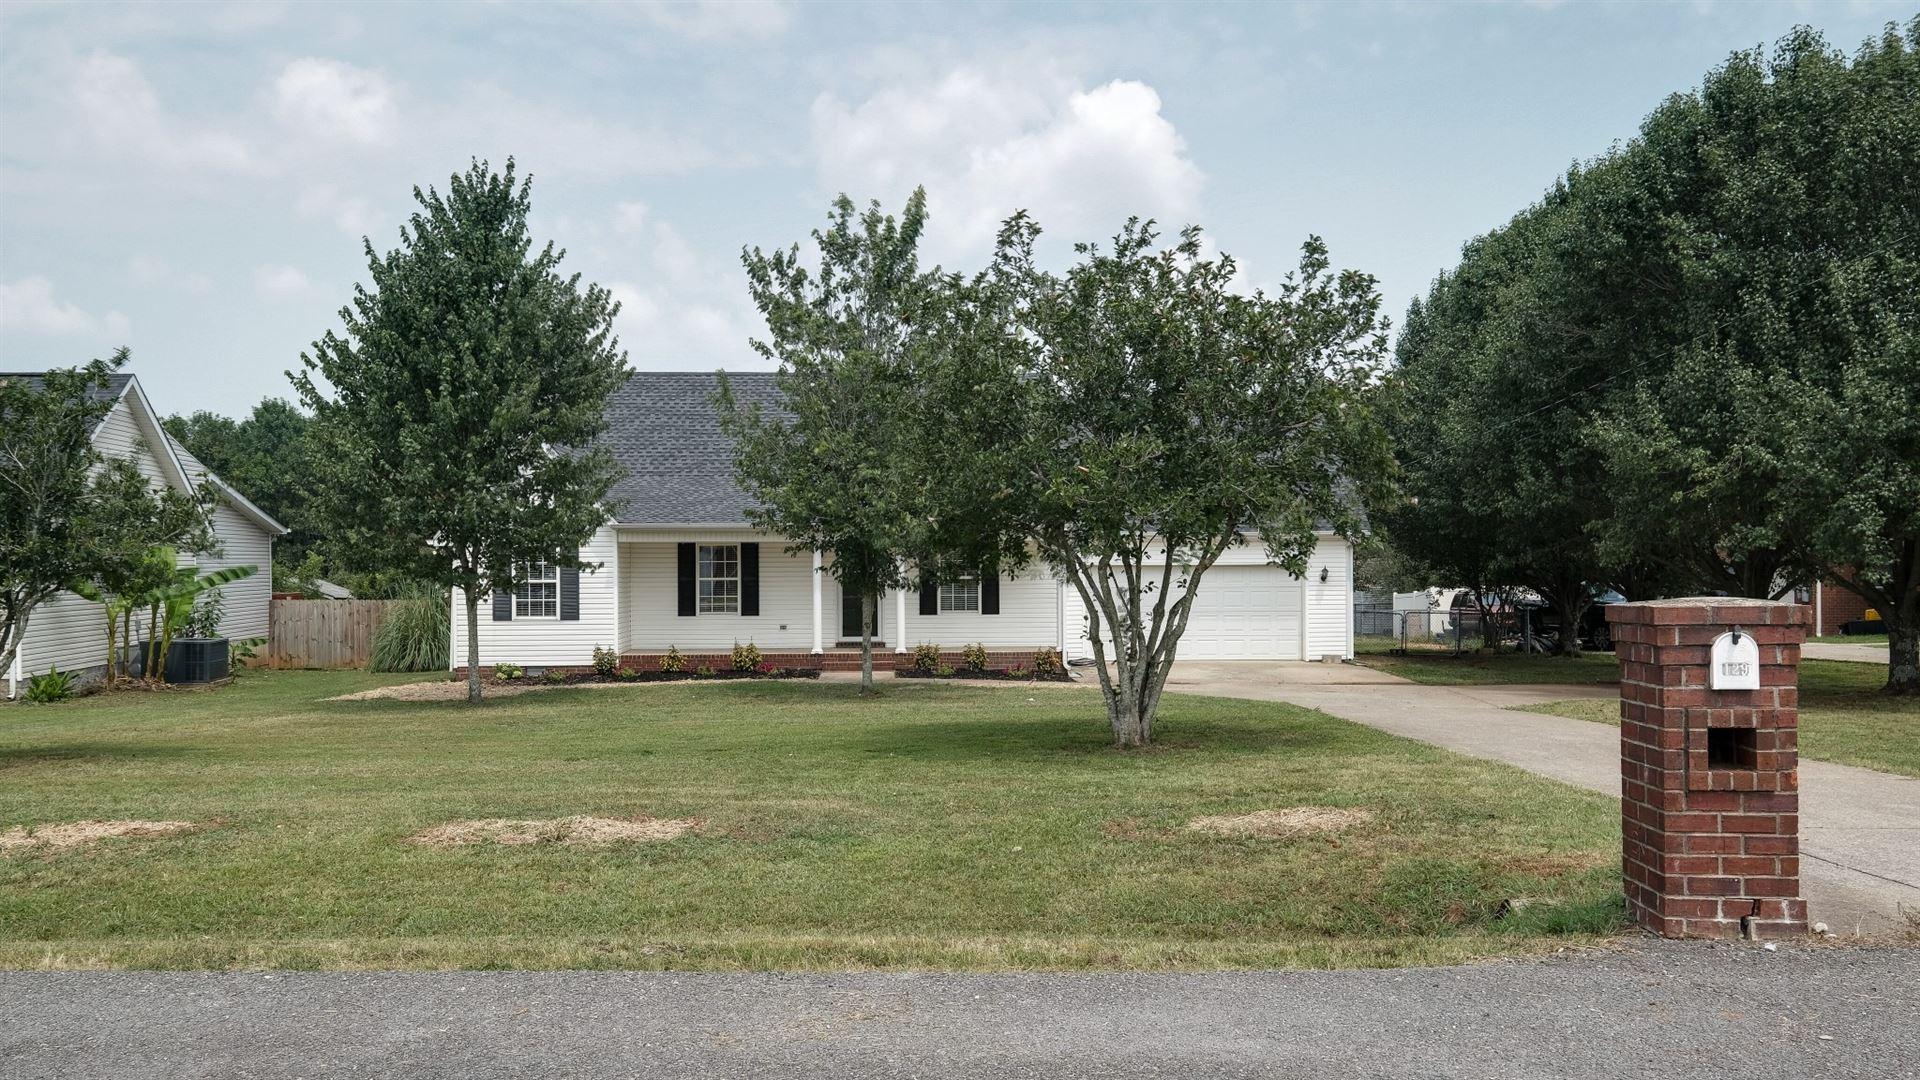 129 Ivanhoe Ct, Murfreesboro, TN 37127 - MLS#: 2278221